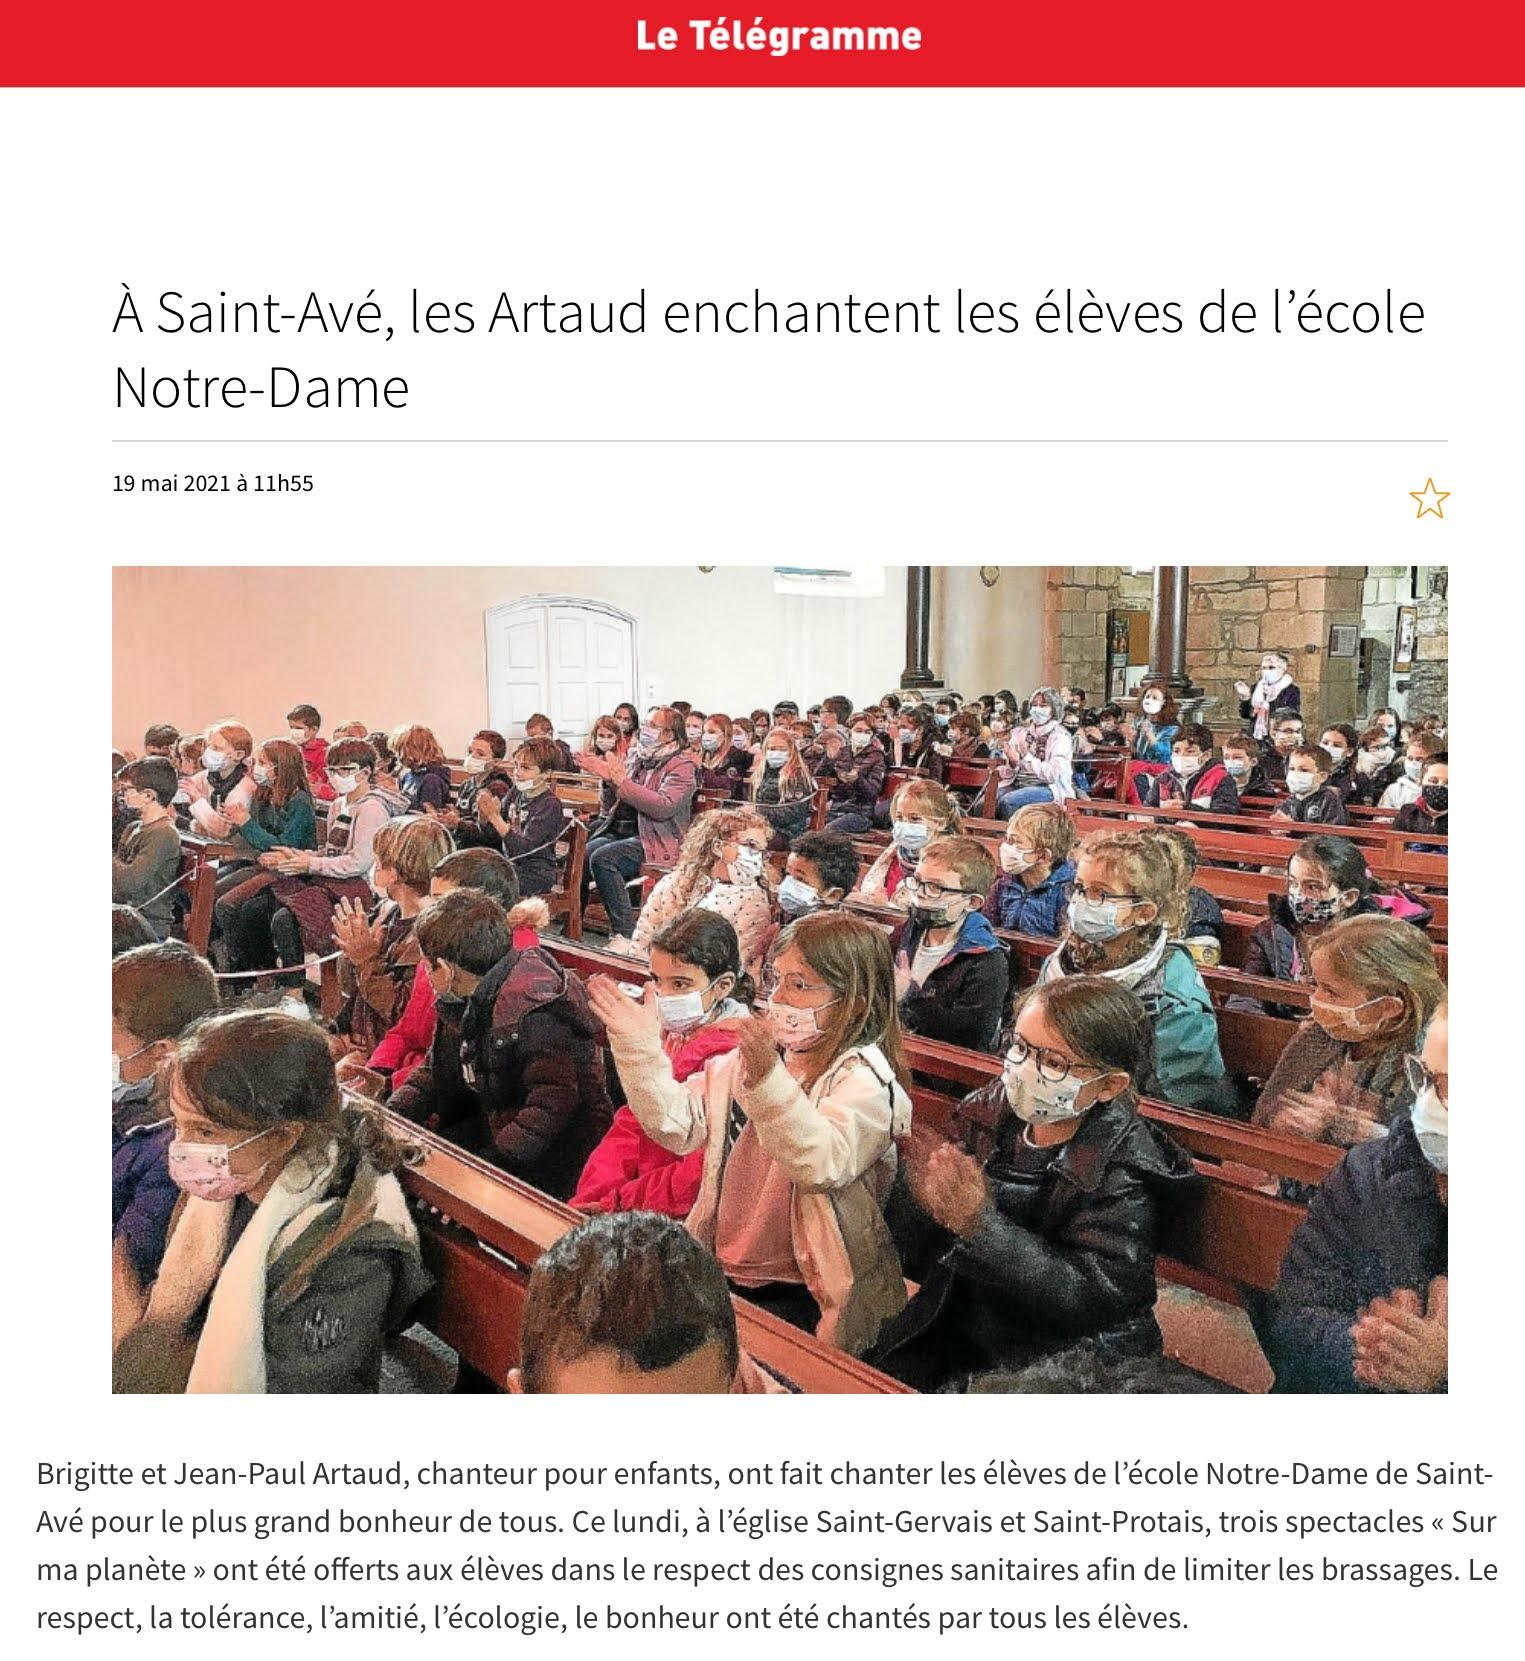 Les Artaud enchantent les élèves de l'école Notre-Dame